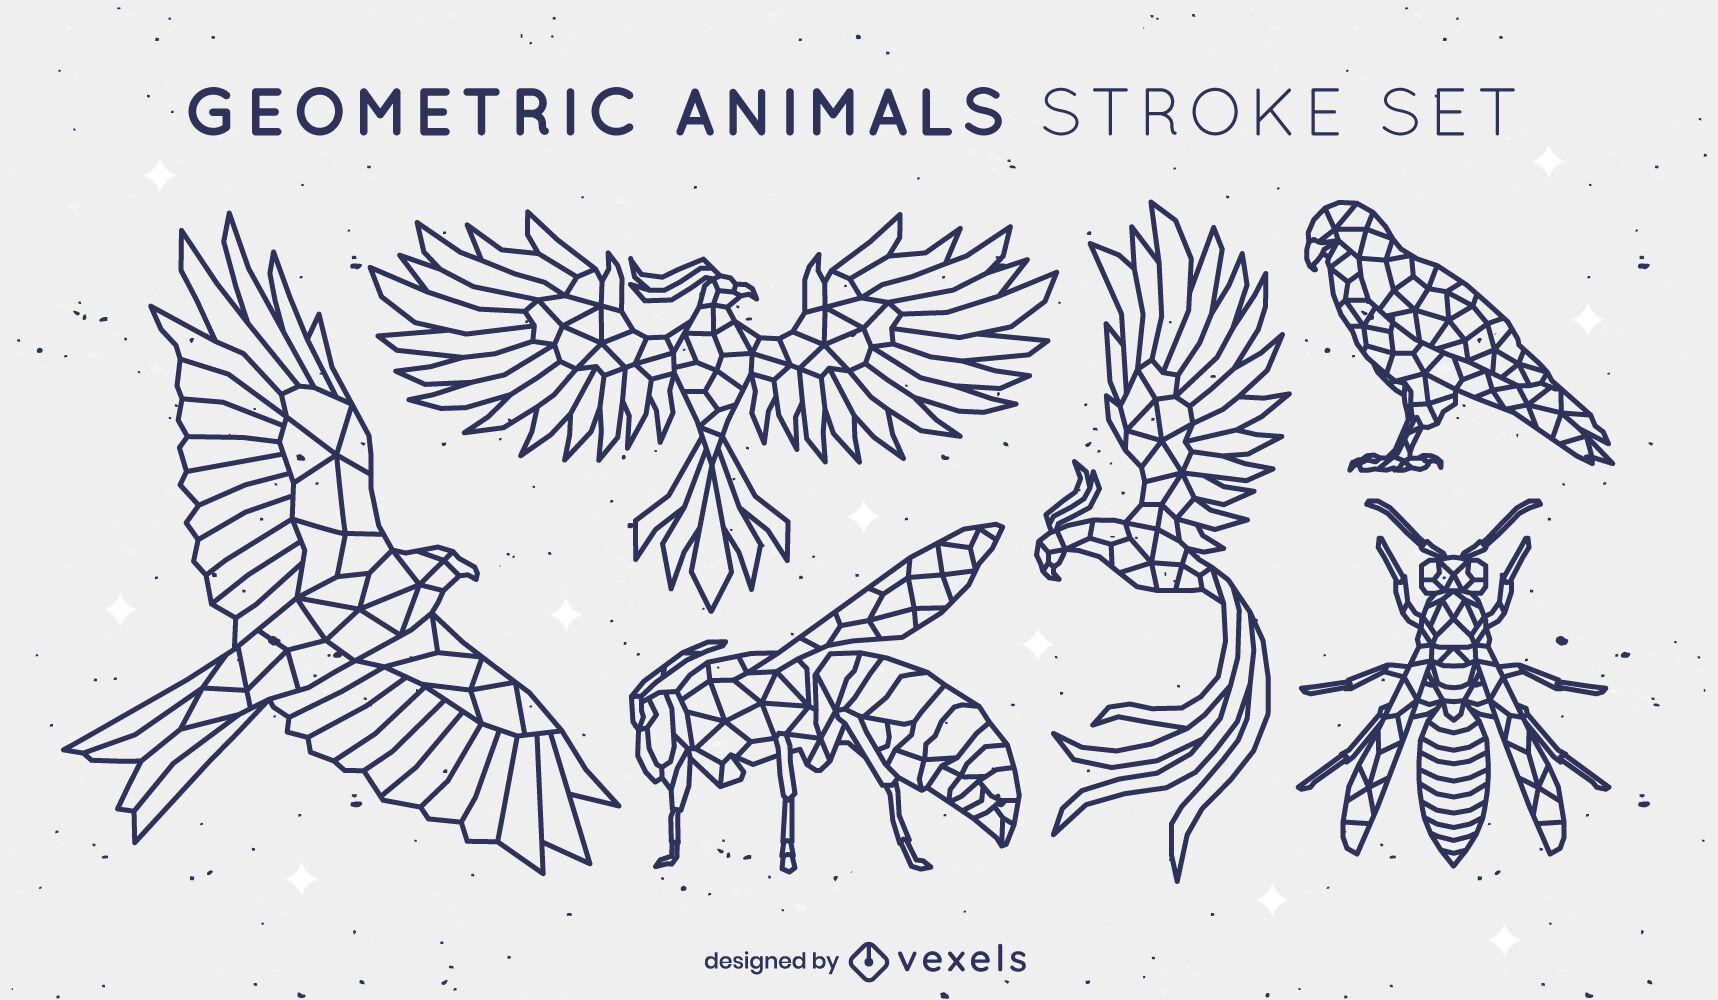 Polygonal stroke set of flying animals